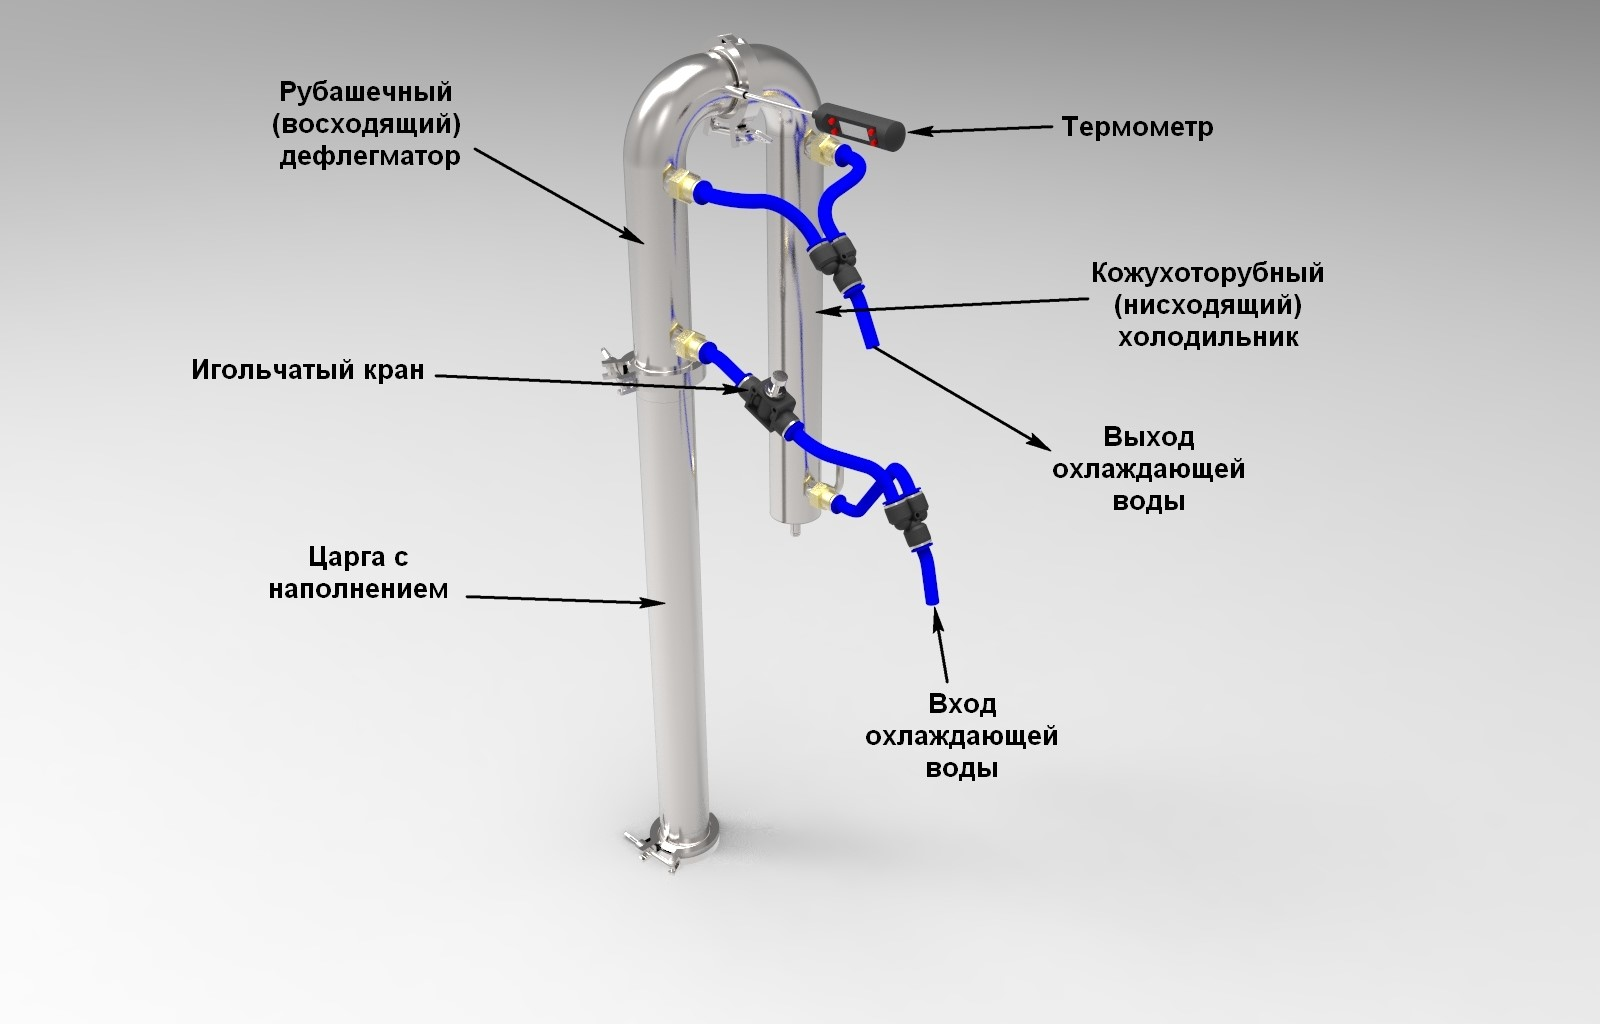 Схема подключения при вторичной- дробной перегонке.